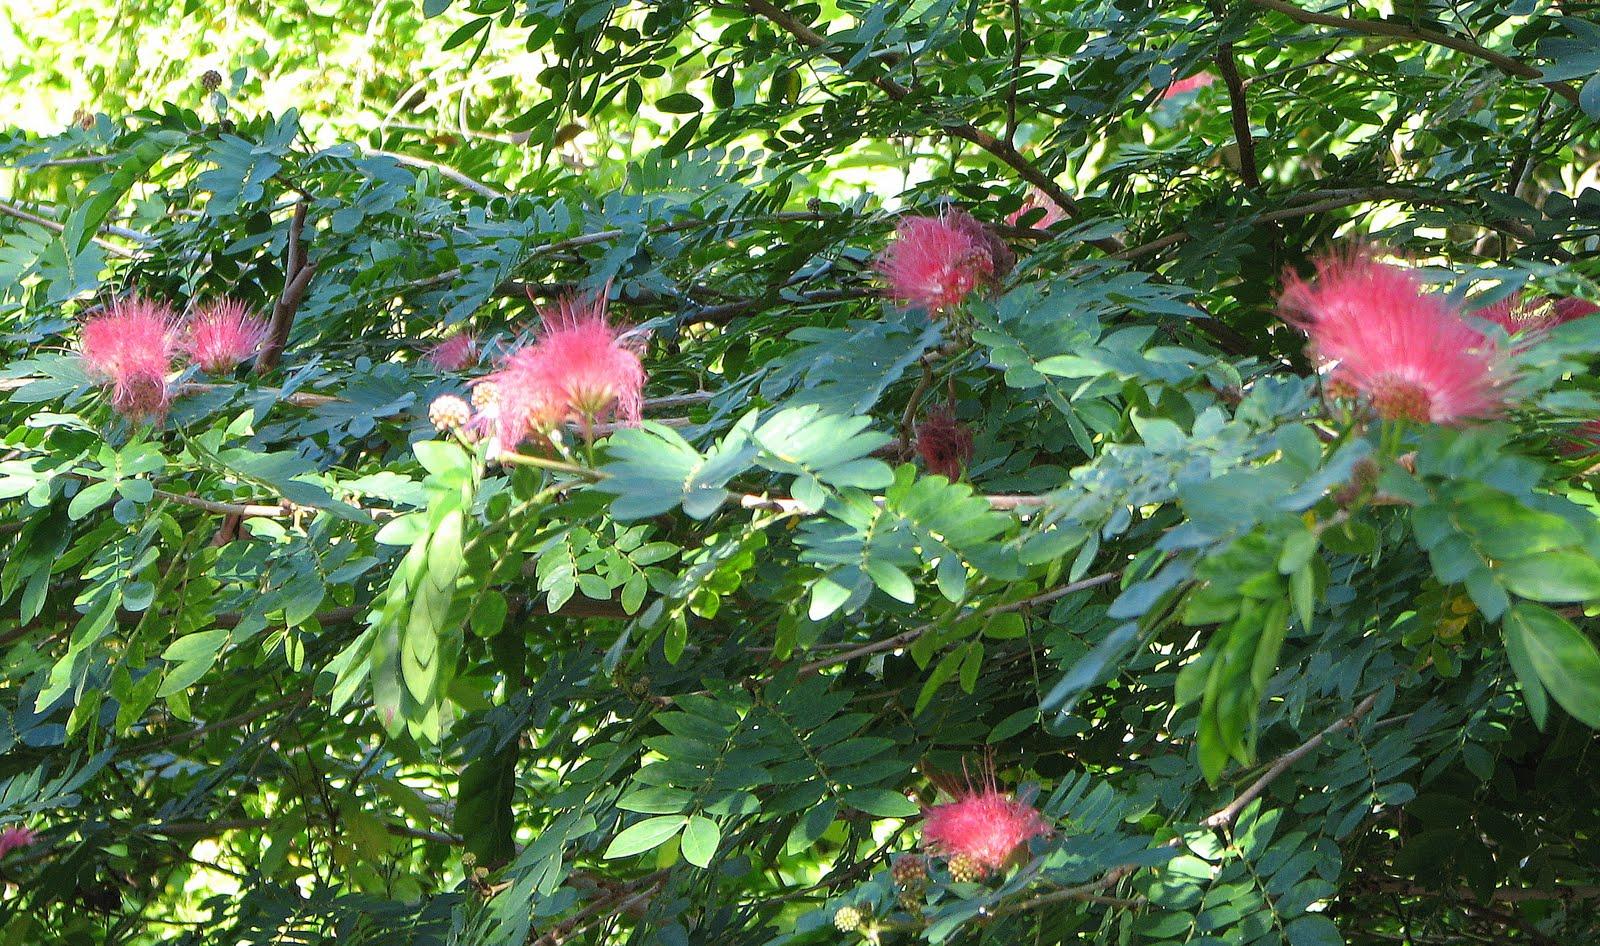 My dry tropics garden calliandras the striking powderpuffs wednesday august 4 2010 mightylinksfo